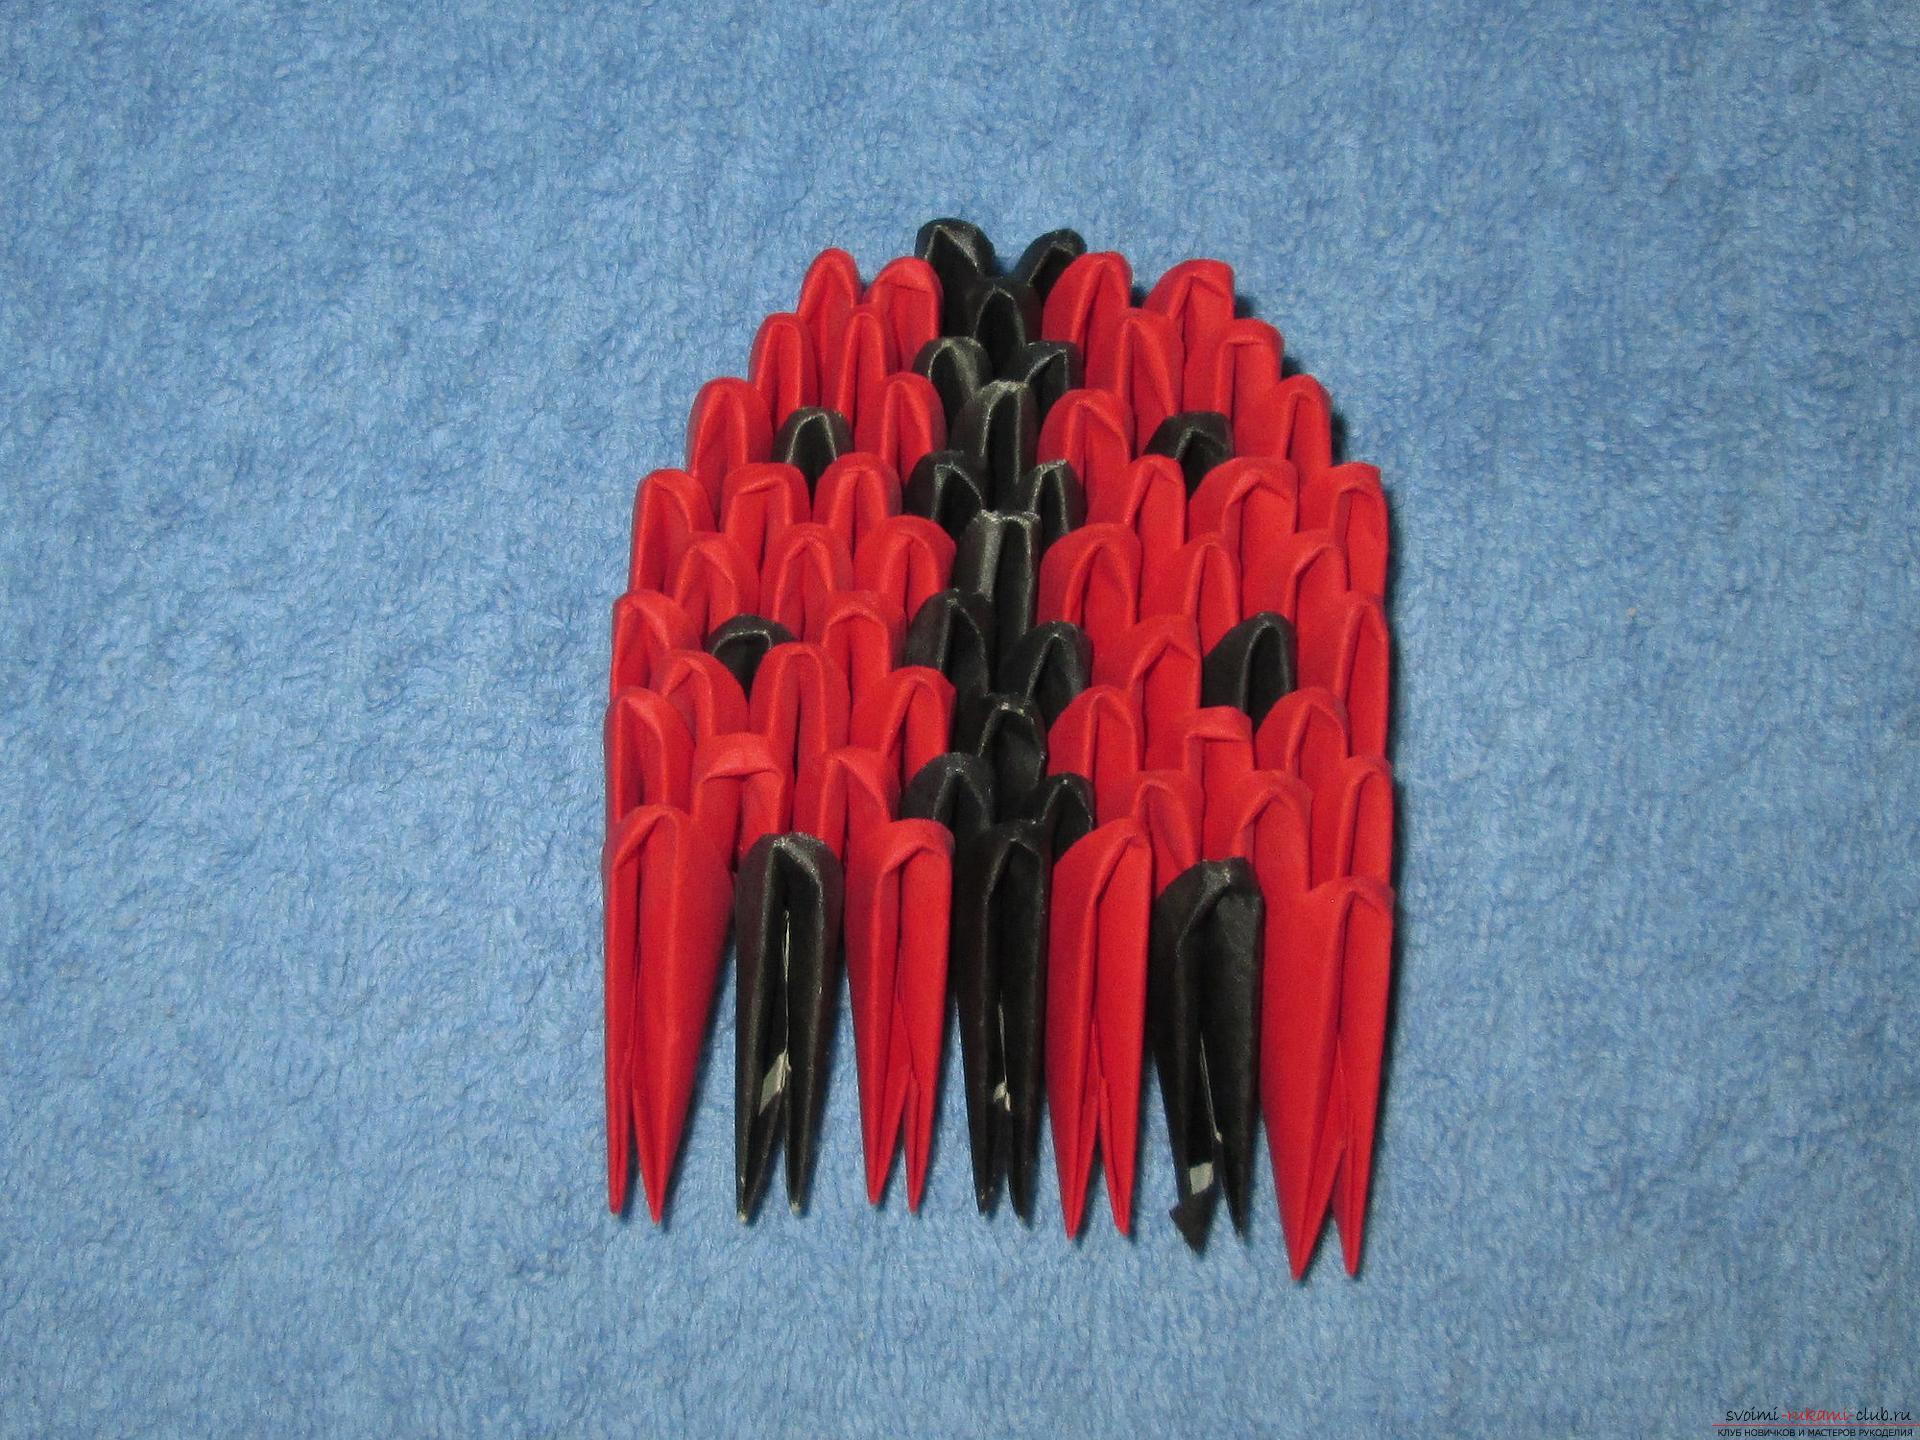 Этот мастер-класс расскажет как сделать модульное оригами из бумаги - божью коровку